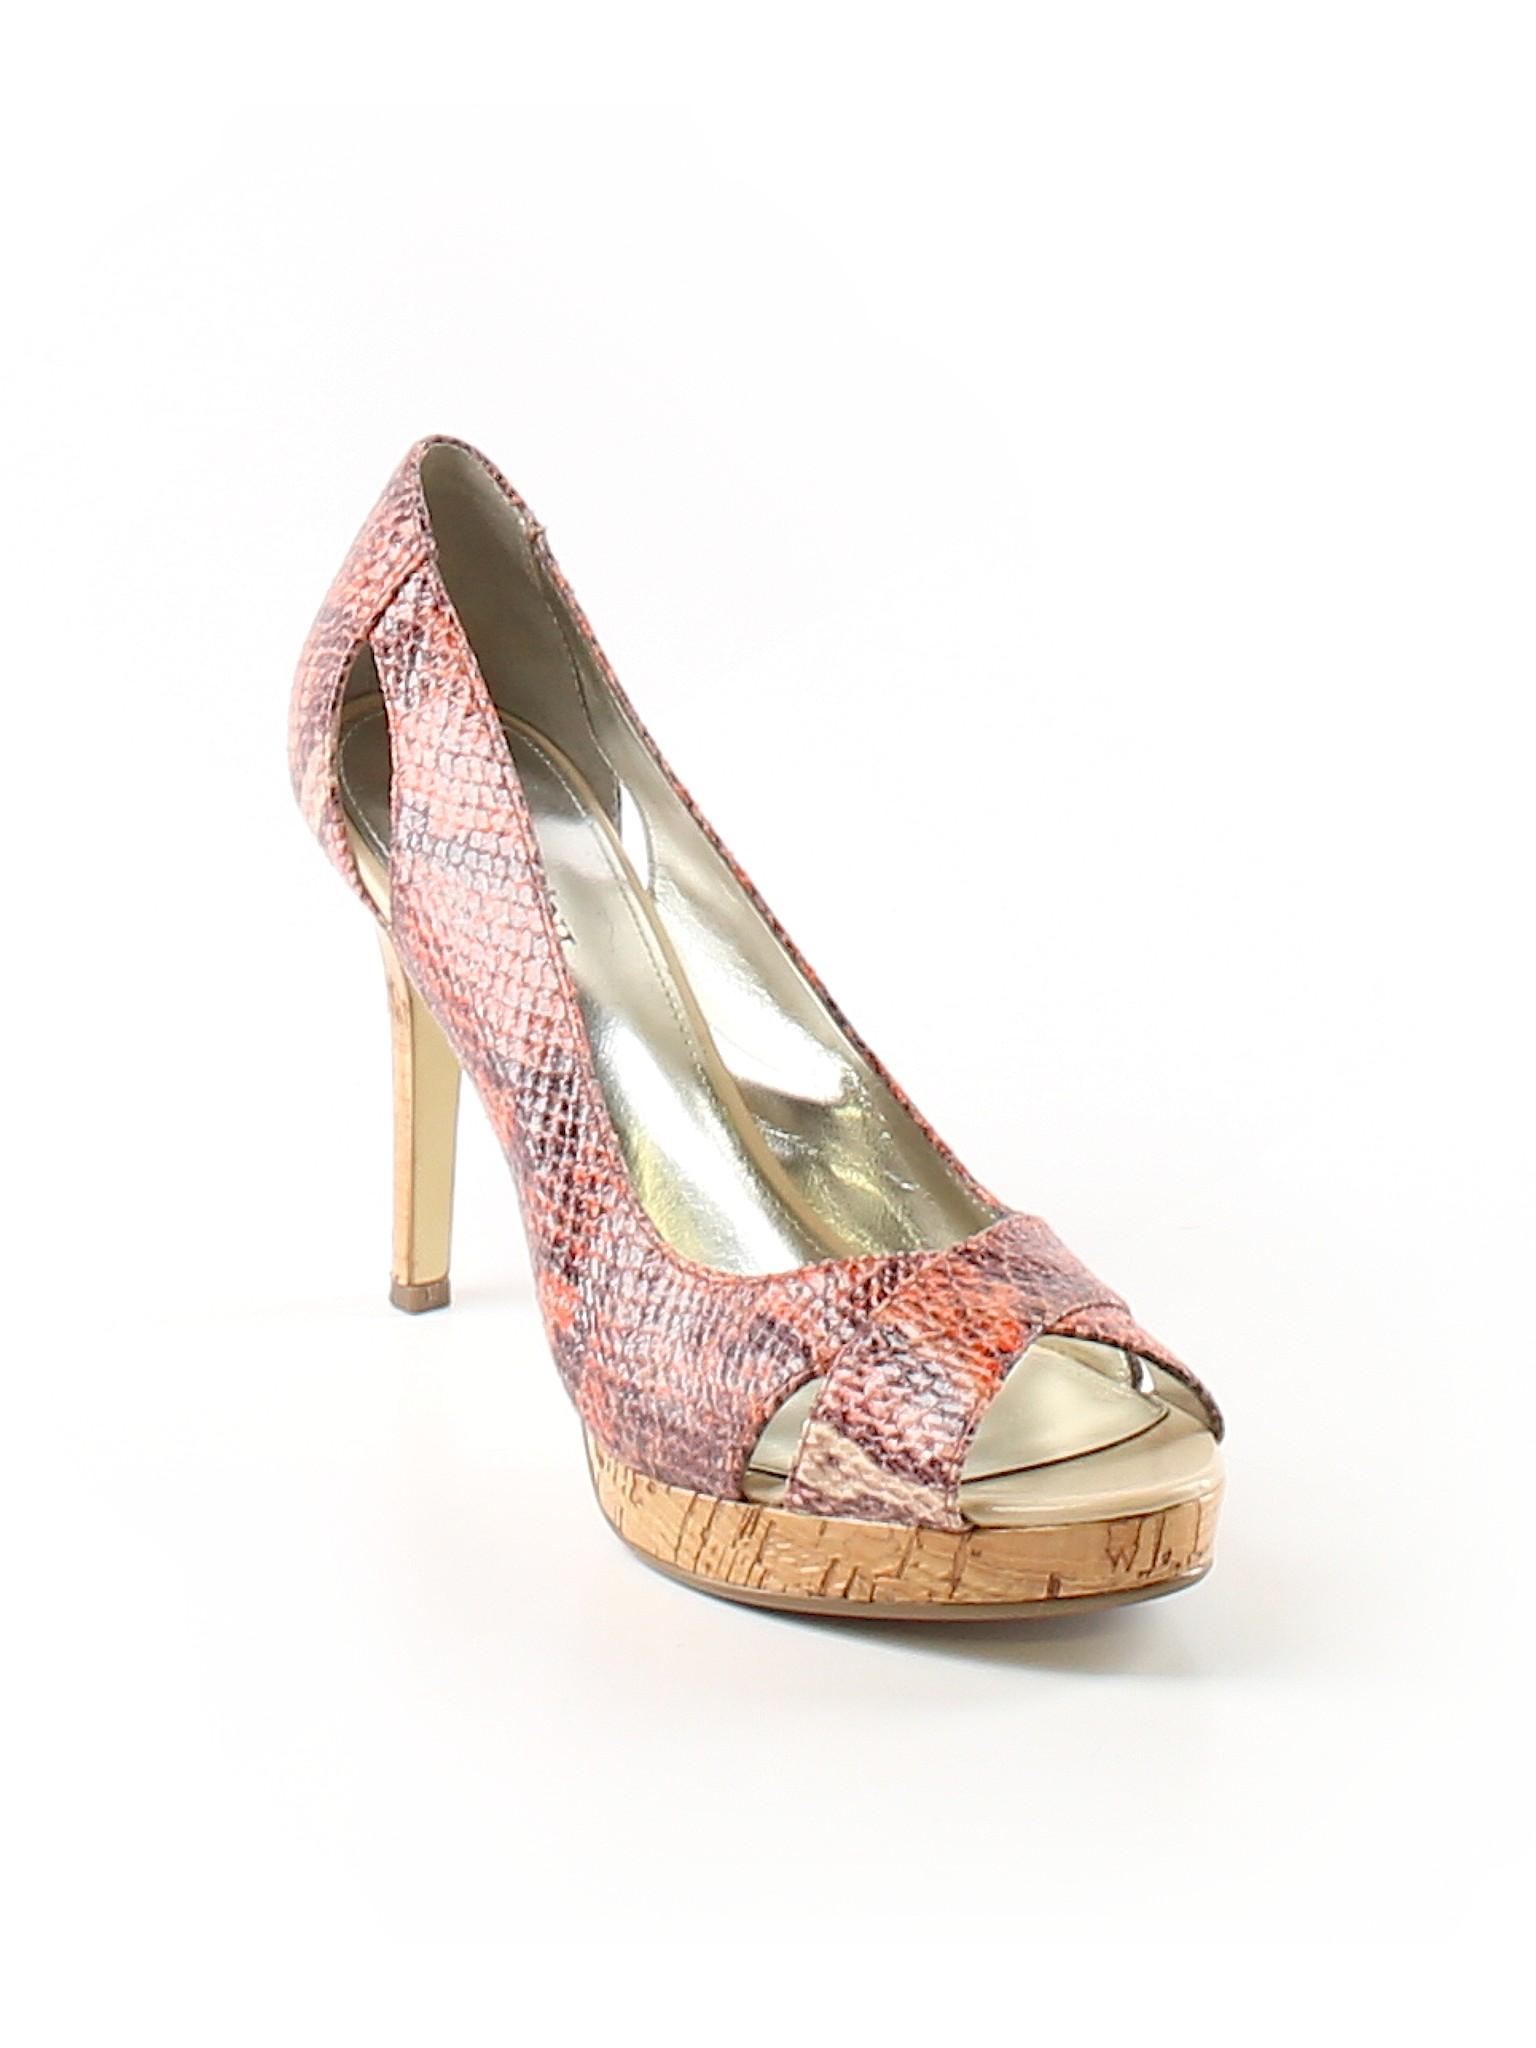 Alfani Boutique Heels Boutique promotion promotion tqw85vUw